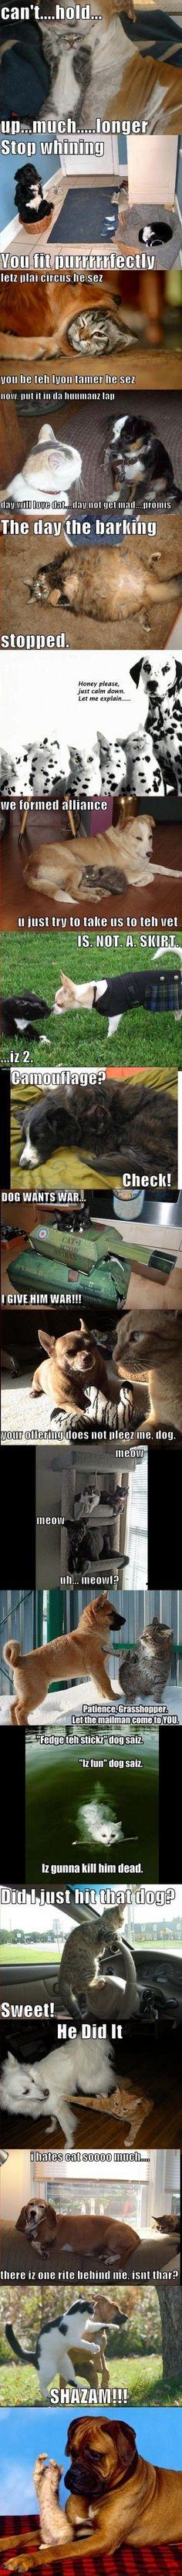 Oldie men Goldie: Katte og hunde Compilation